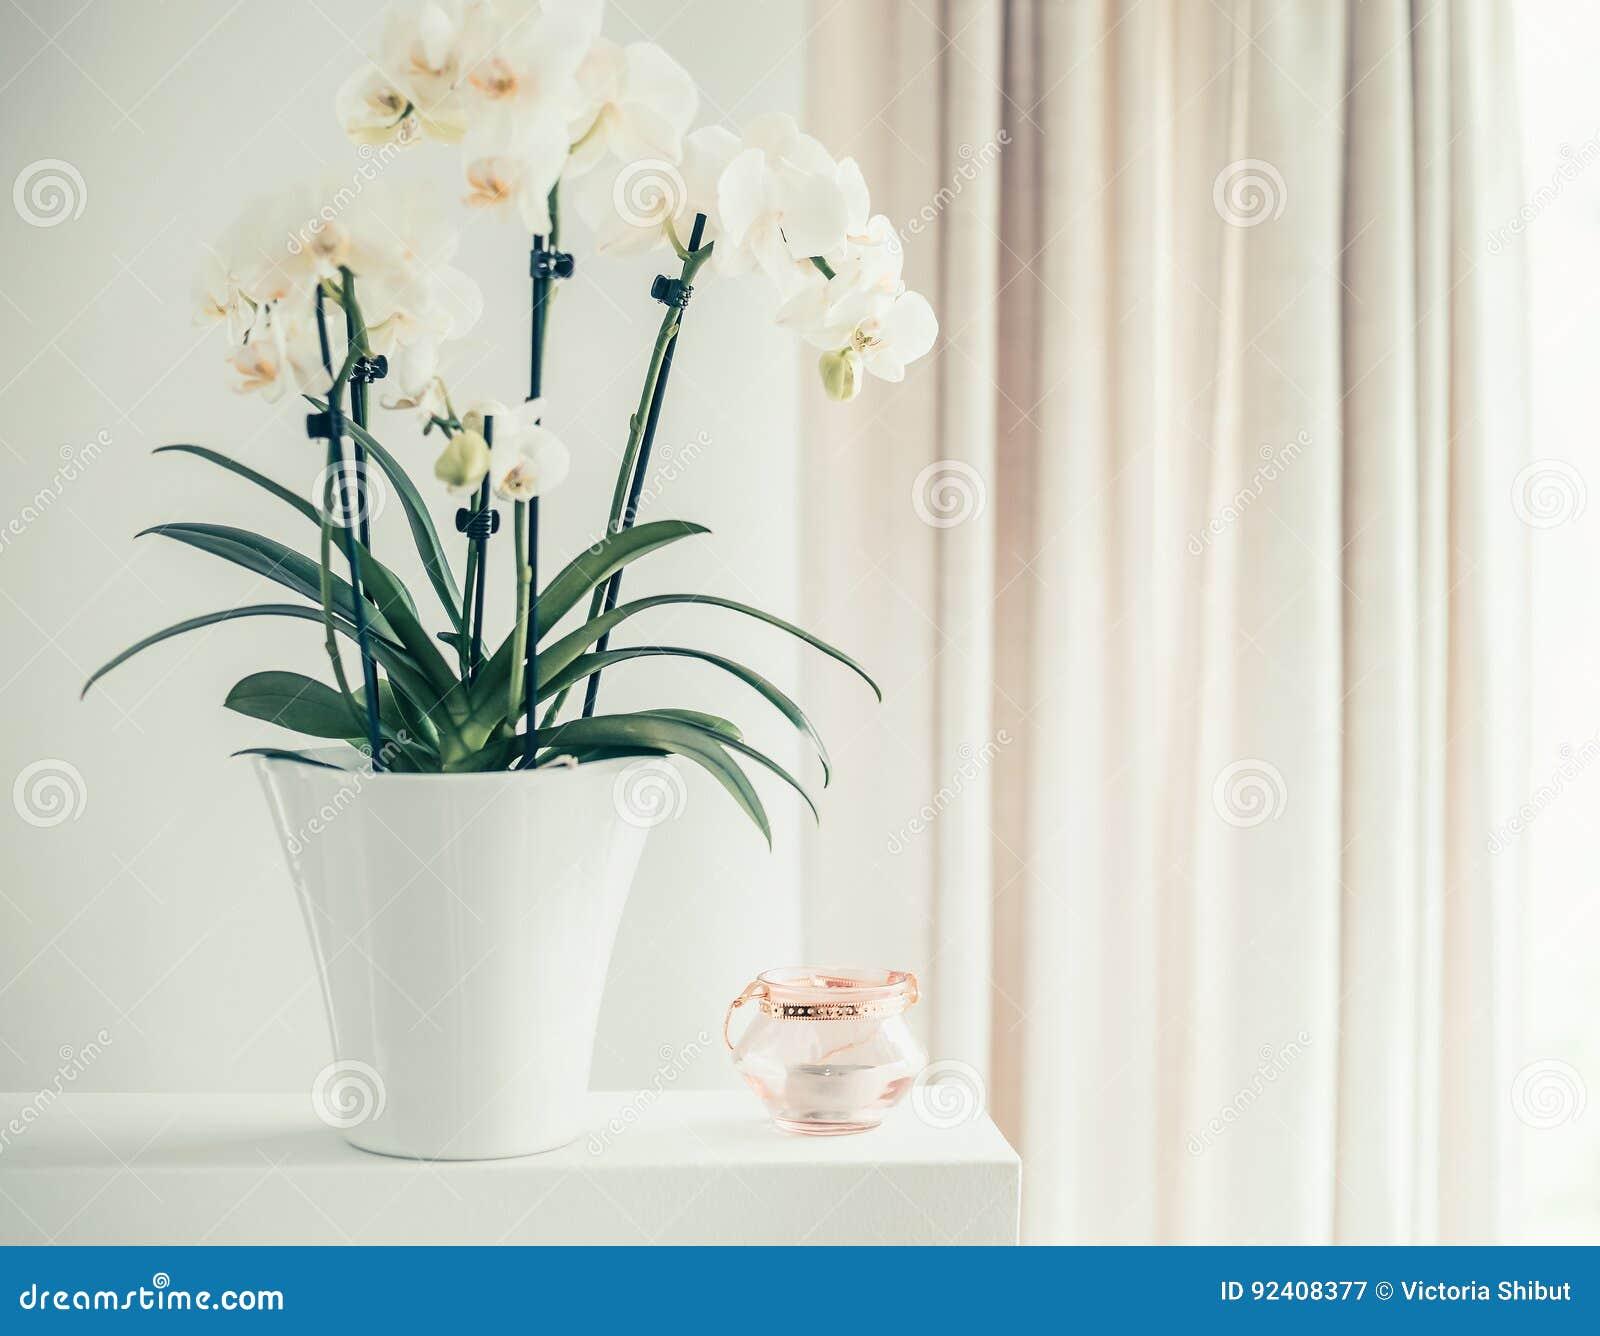 Piante Da Appartamento Orchidea.Pianta Bianca Dell Orchidea Con I Fiori In Vaso Sulla Finestra